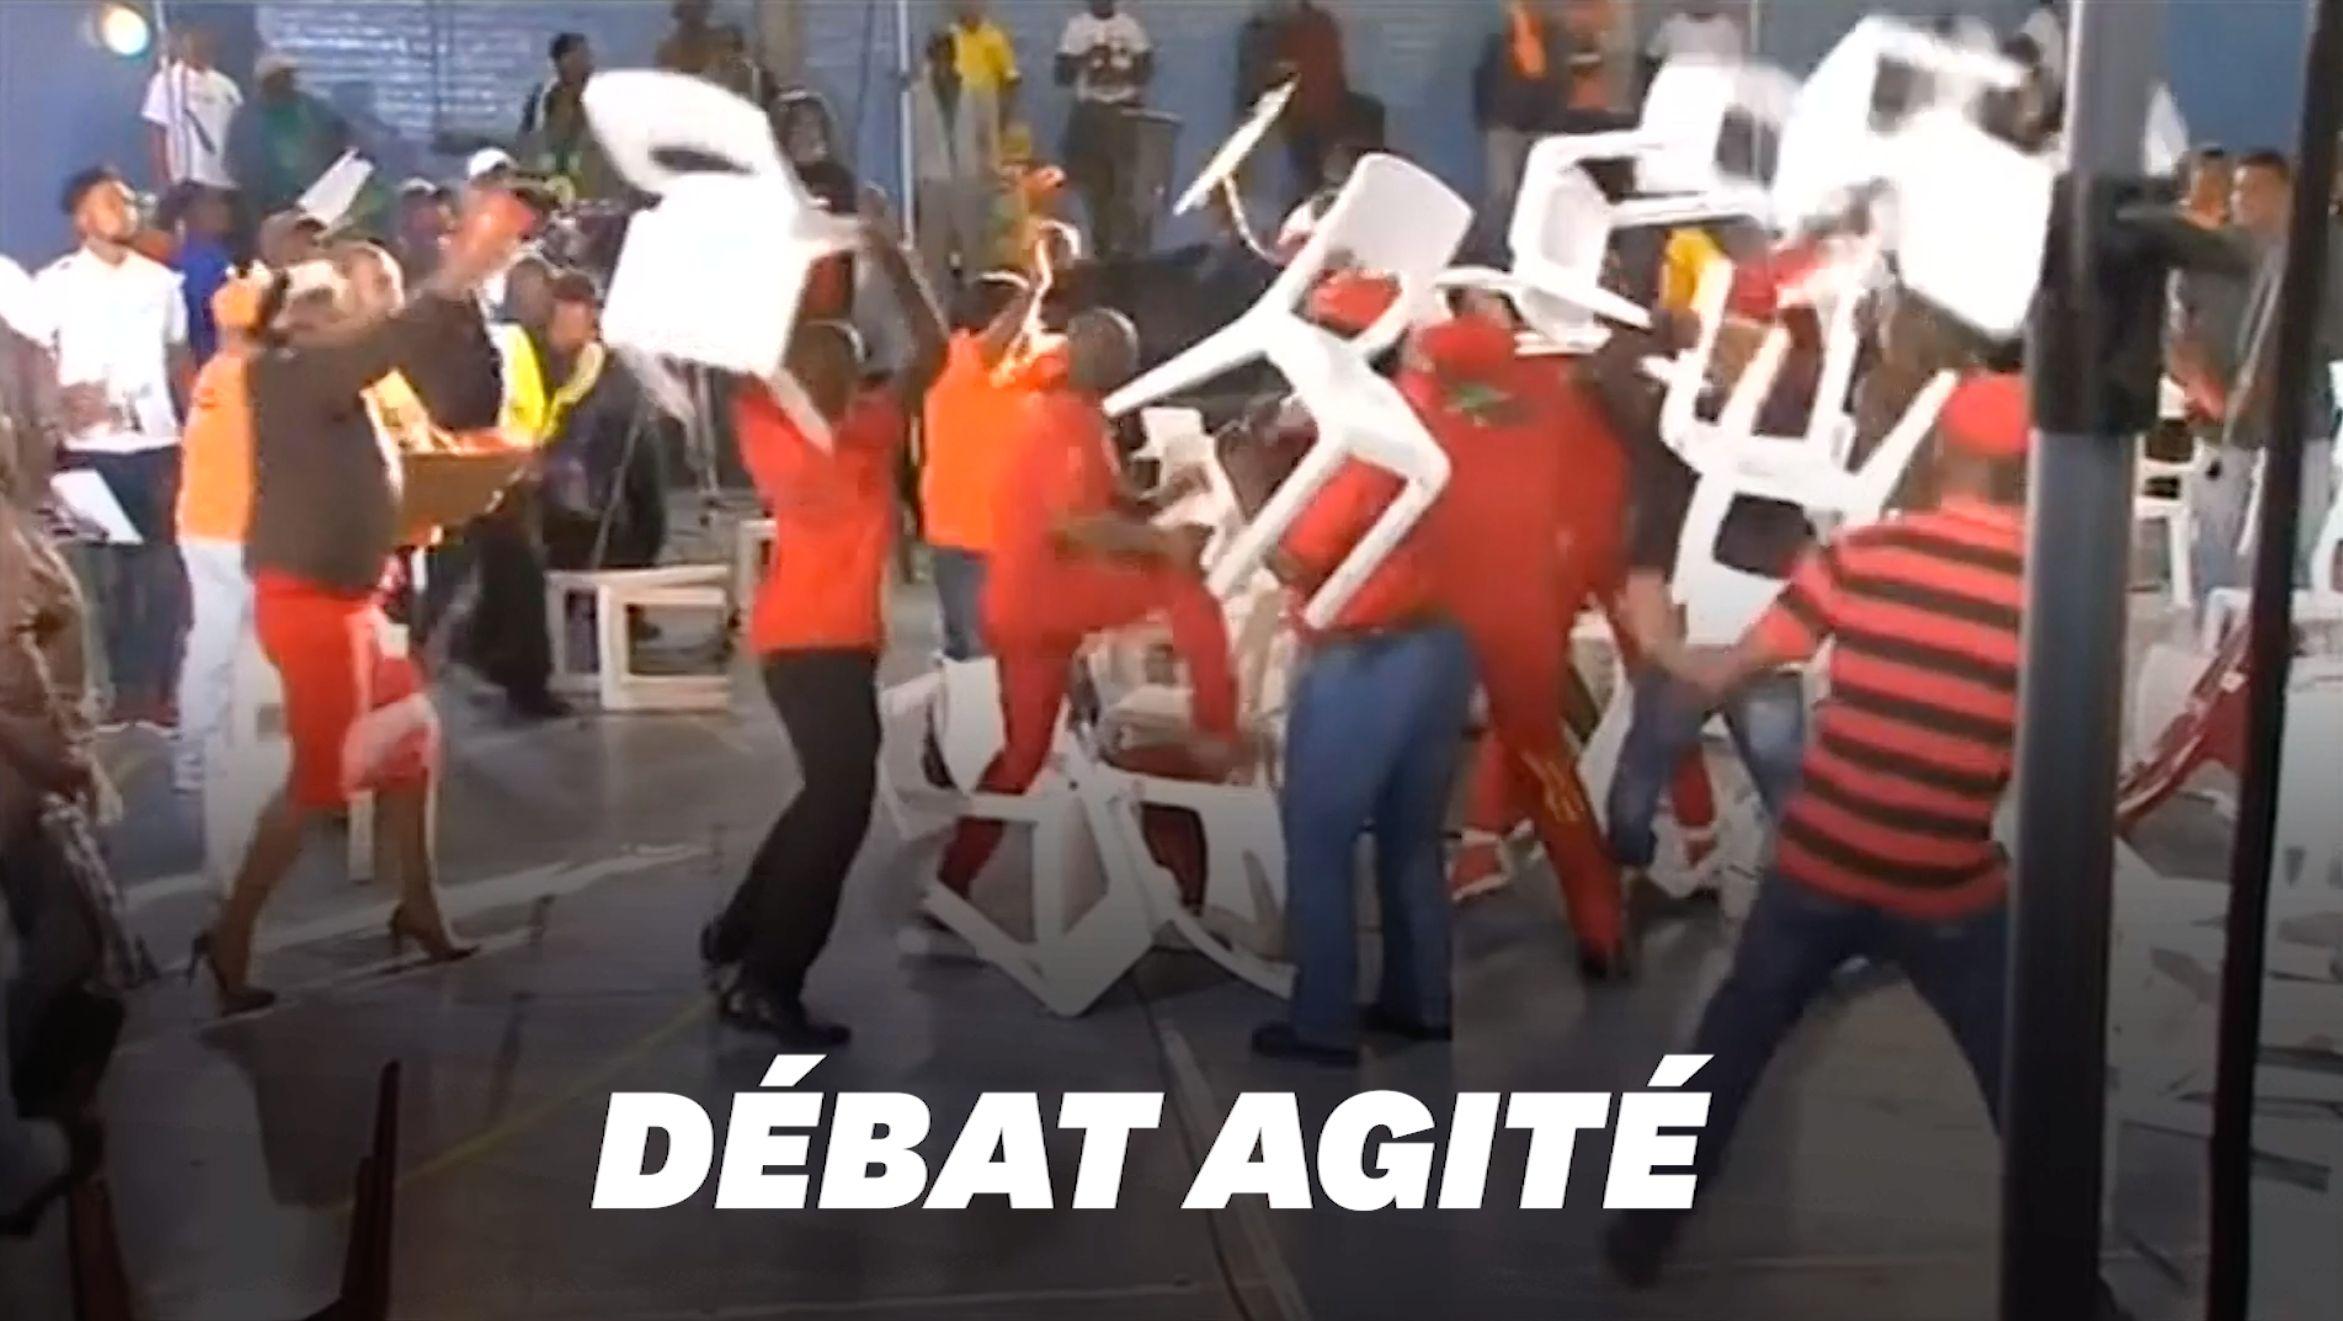 En Afrique du Sud, un débat télévisé termine en bagarre